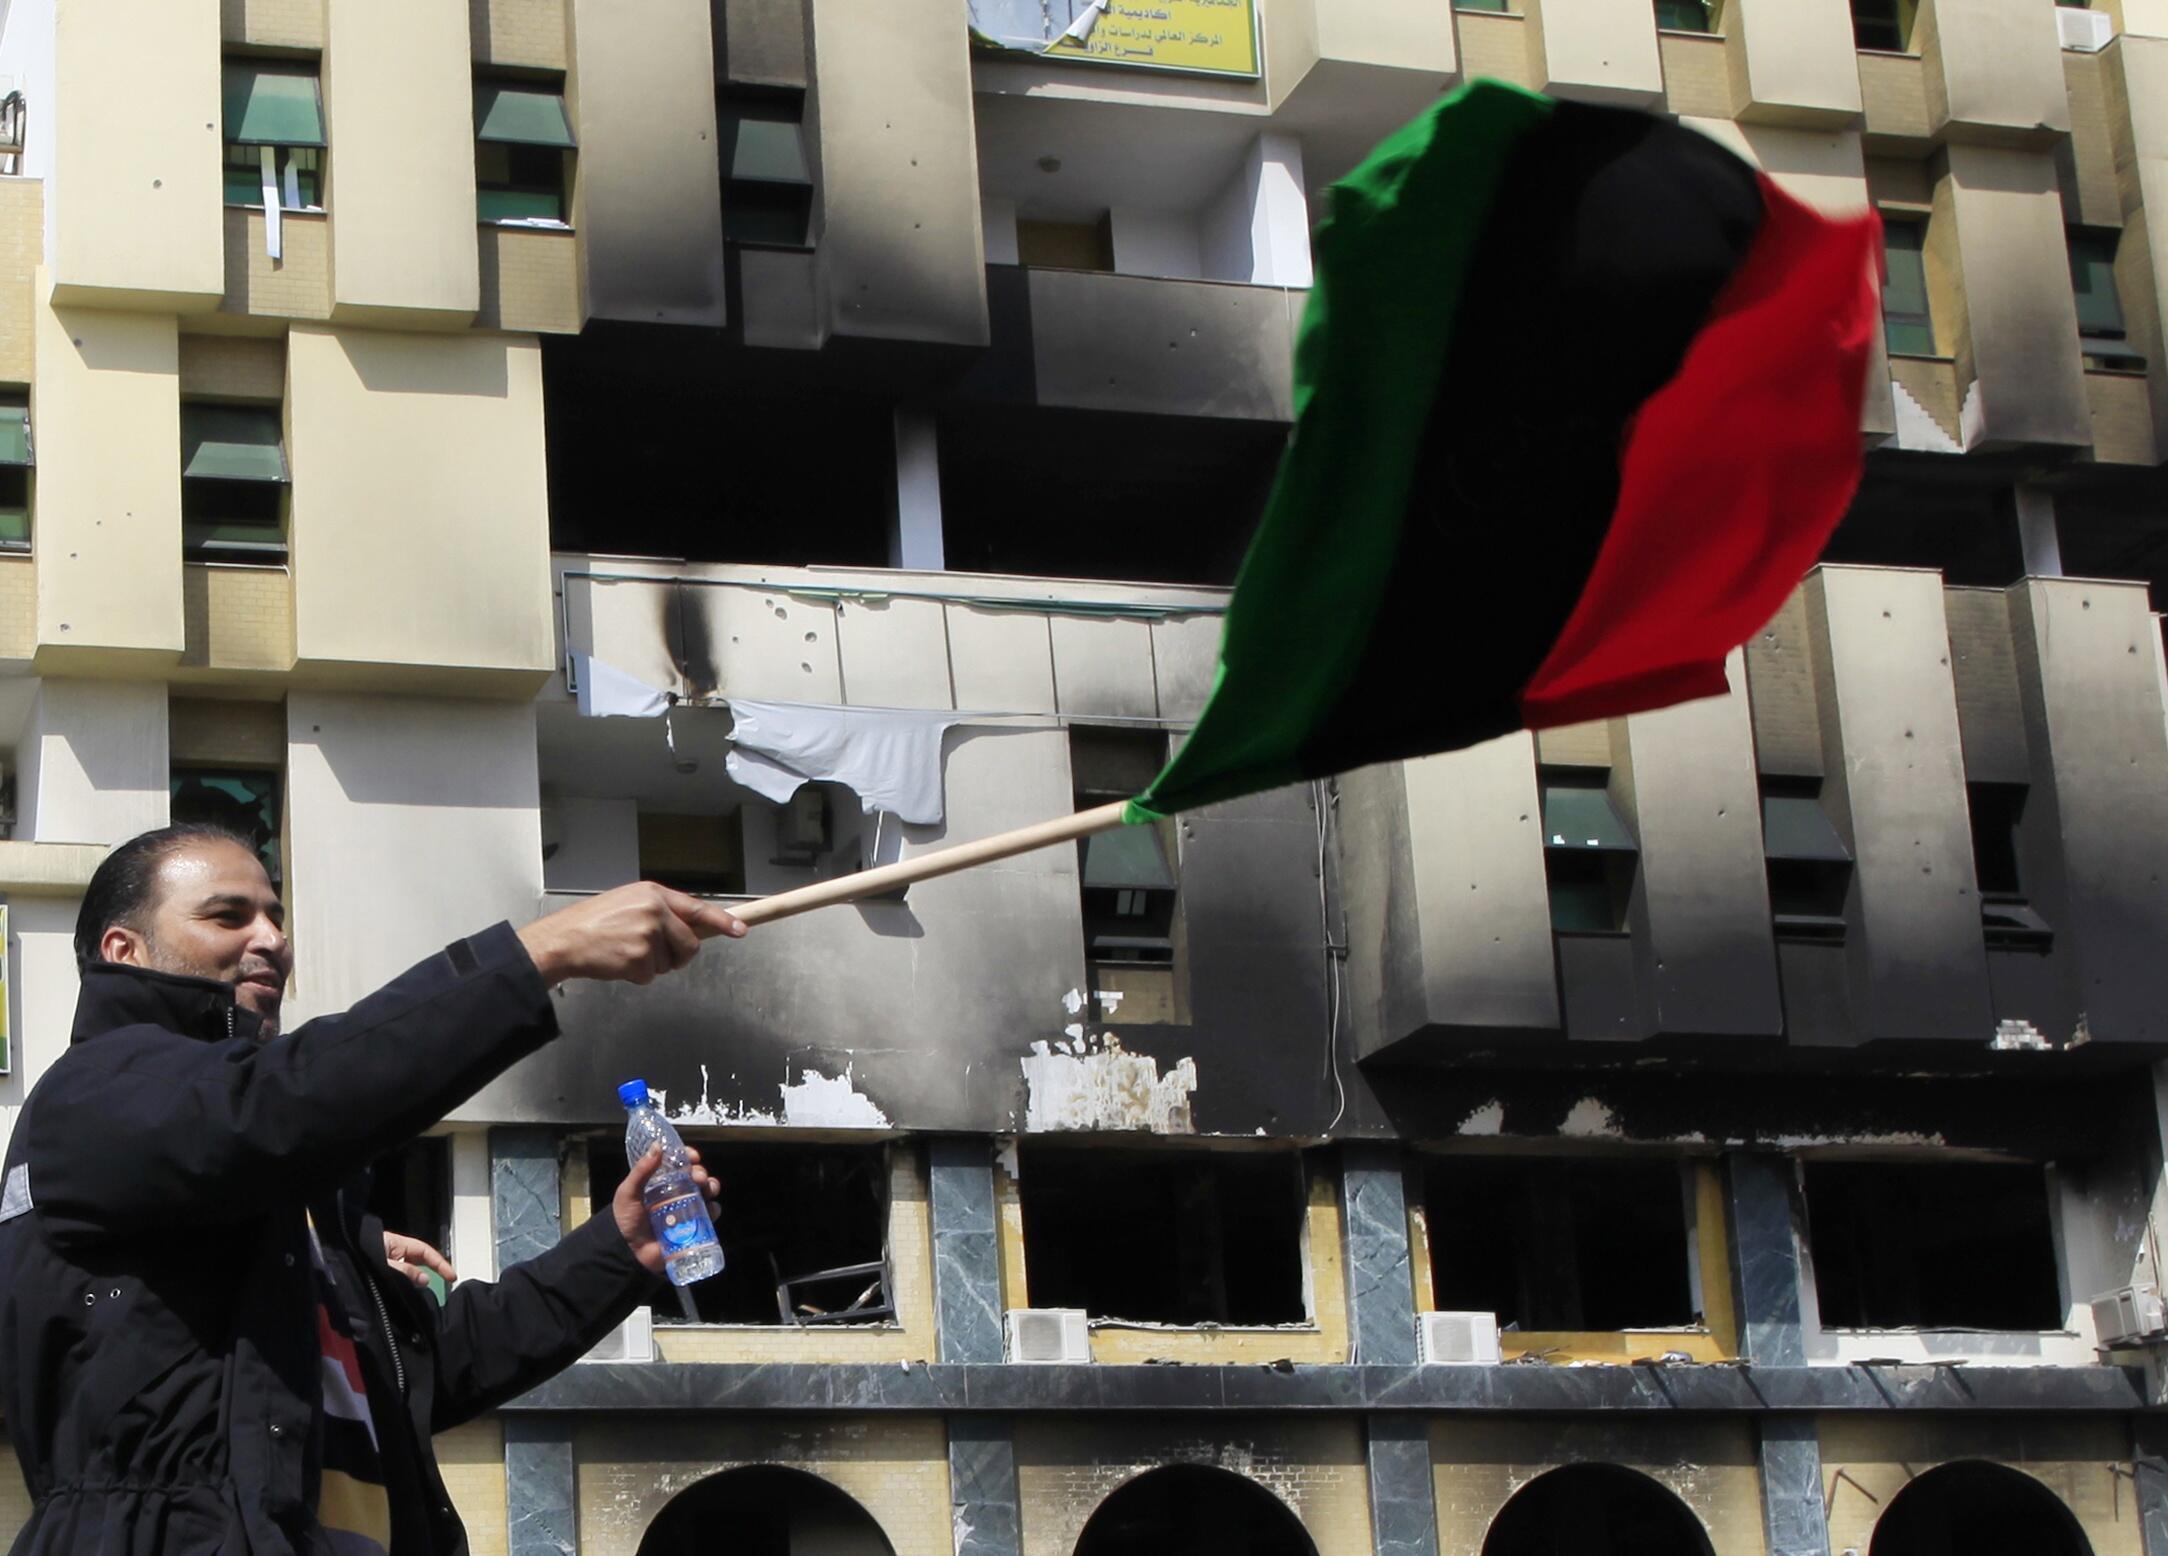 La revolución de Libia sigue extendiéndose por cada rincón del país, esperando marchar sobre Trípoli.